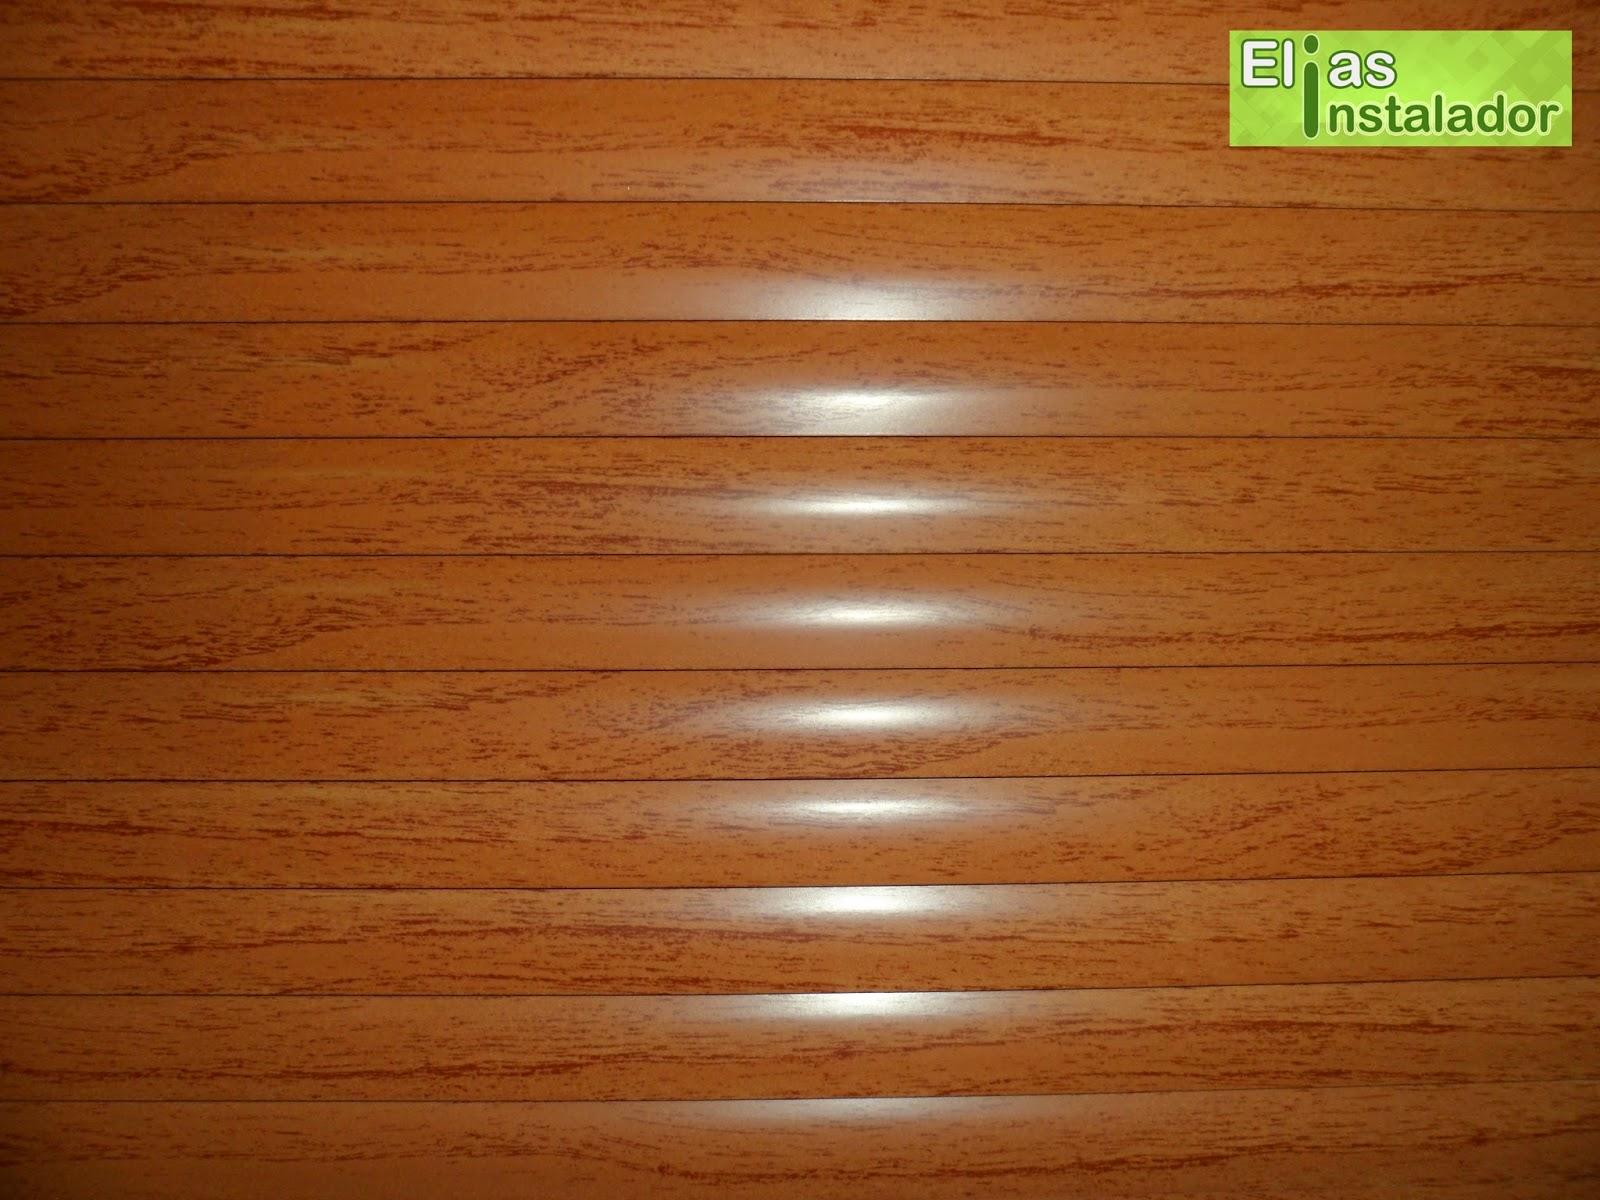 Podemos ver os detalhes da persiana imitando uma textura de madeira. #4E1E04 1600x1200